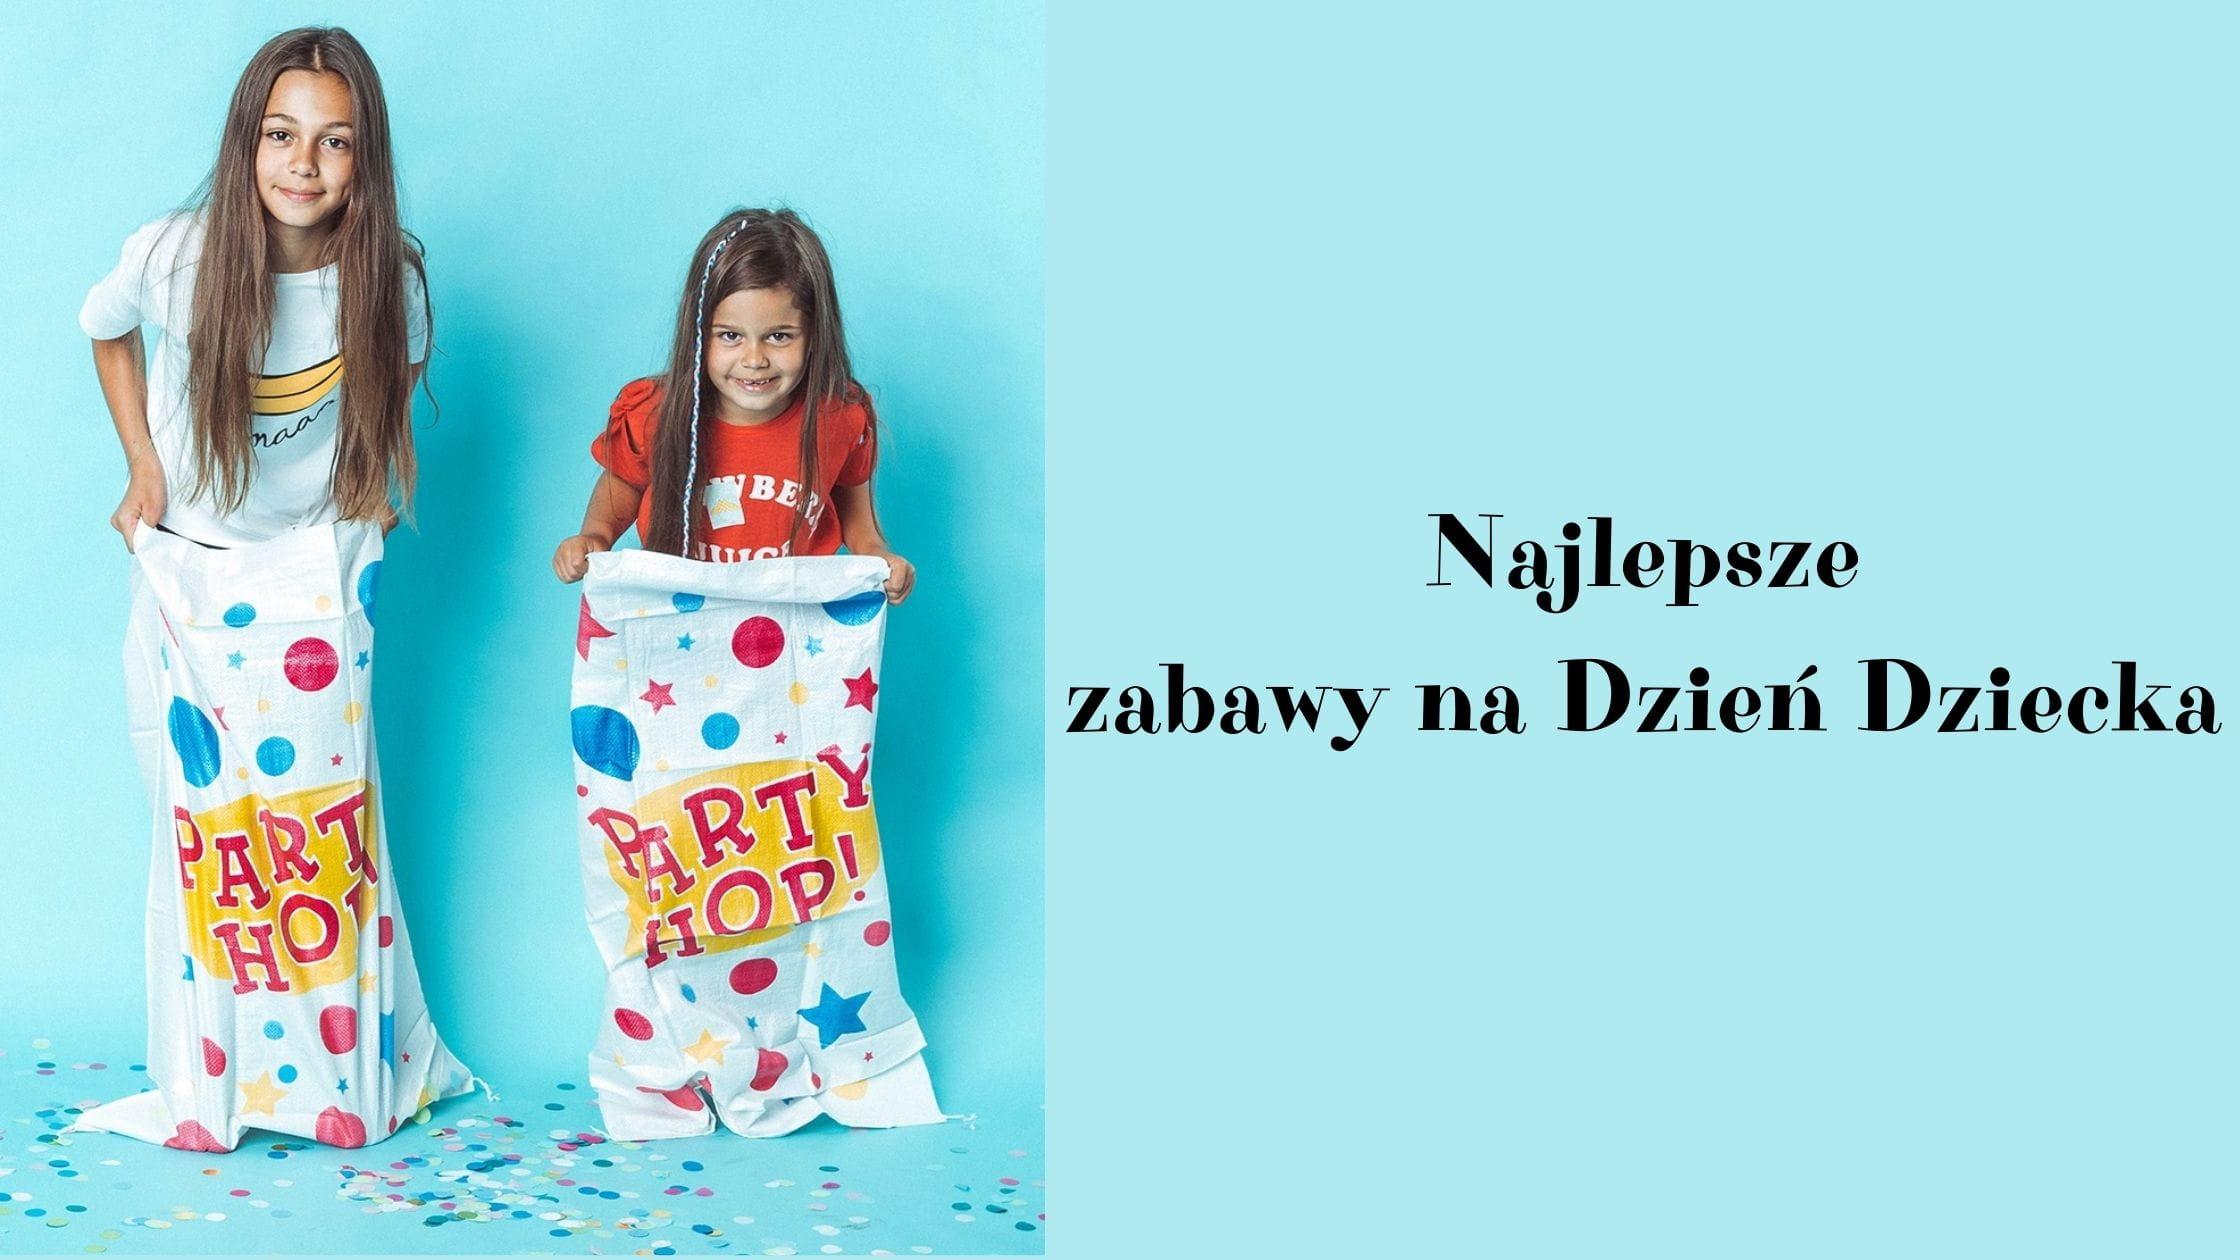 Pomysł na zabawy na Dzień Dziecka